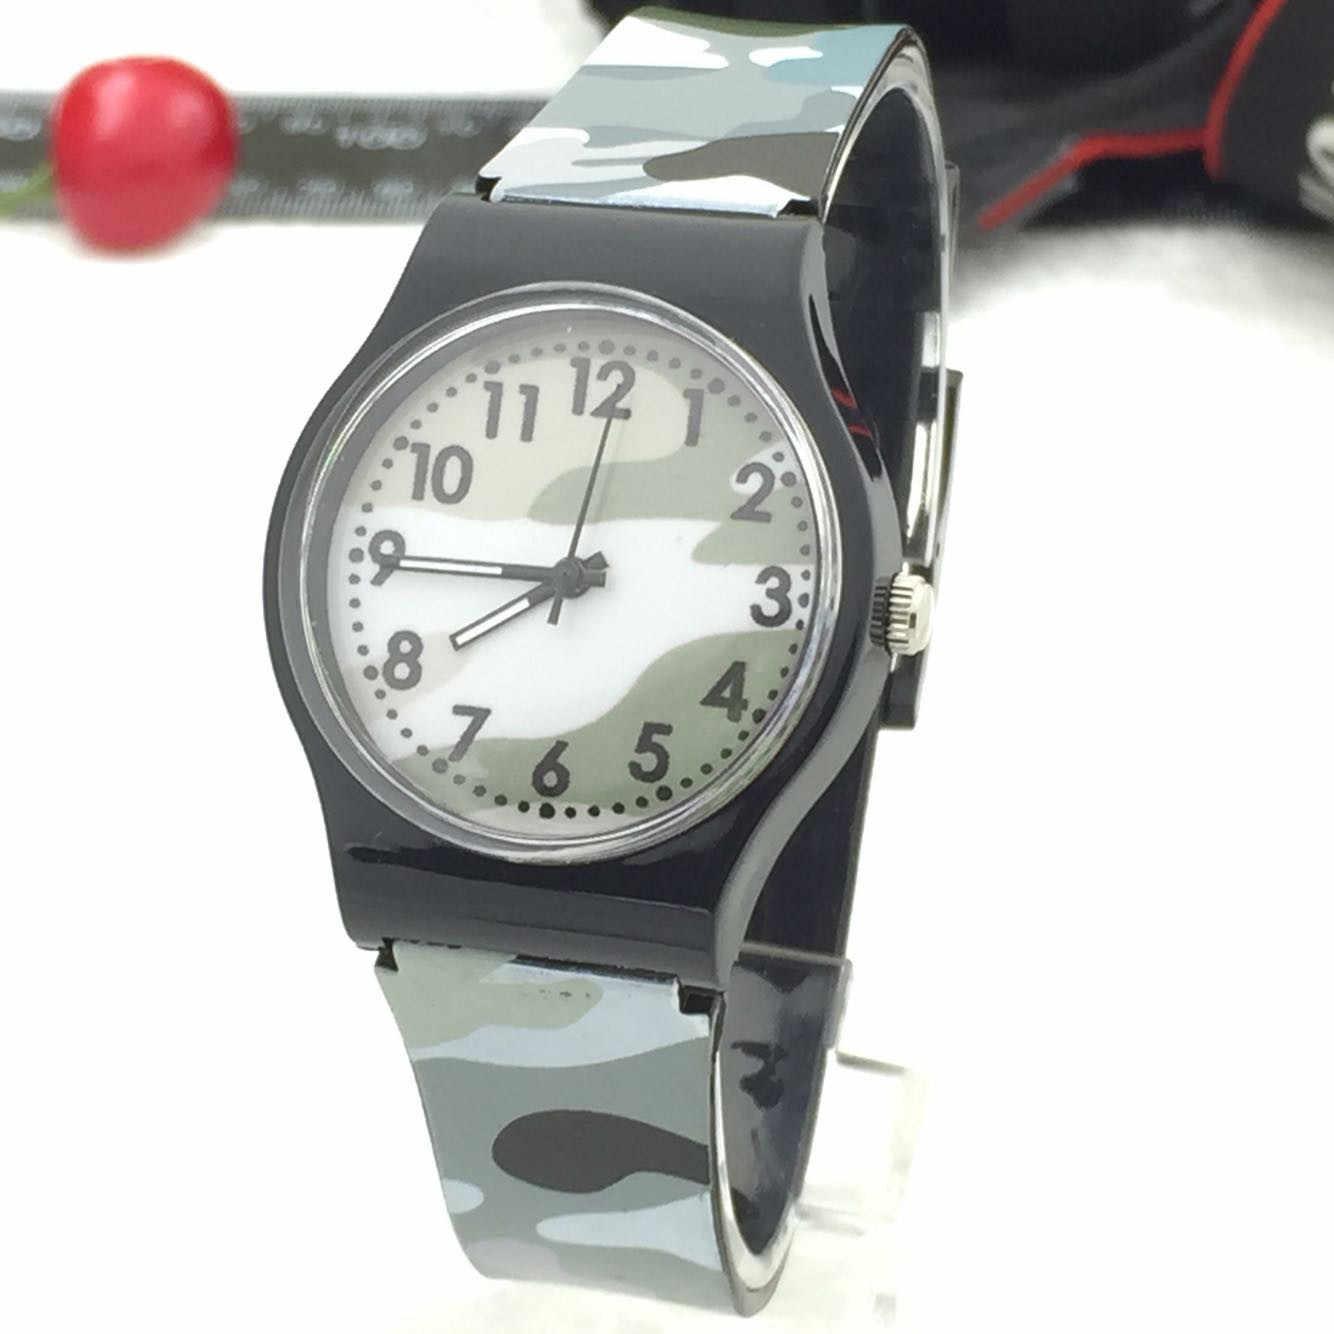 الأطفال ساعة التمويه ساعة كوارتز سيليكون باند montre enfanthorloge zegarek ليغو Reloj Infantil منتجات بالجملة # L0